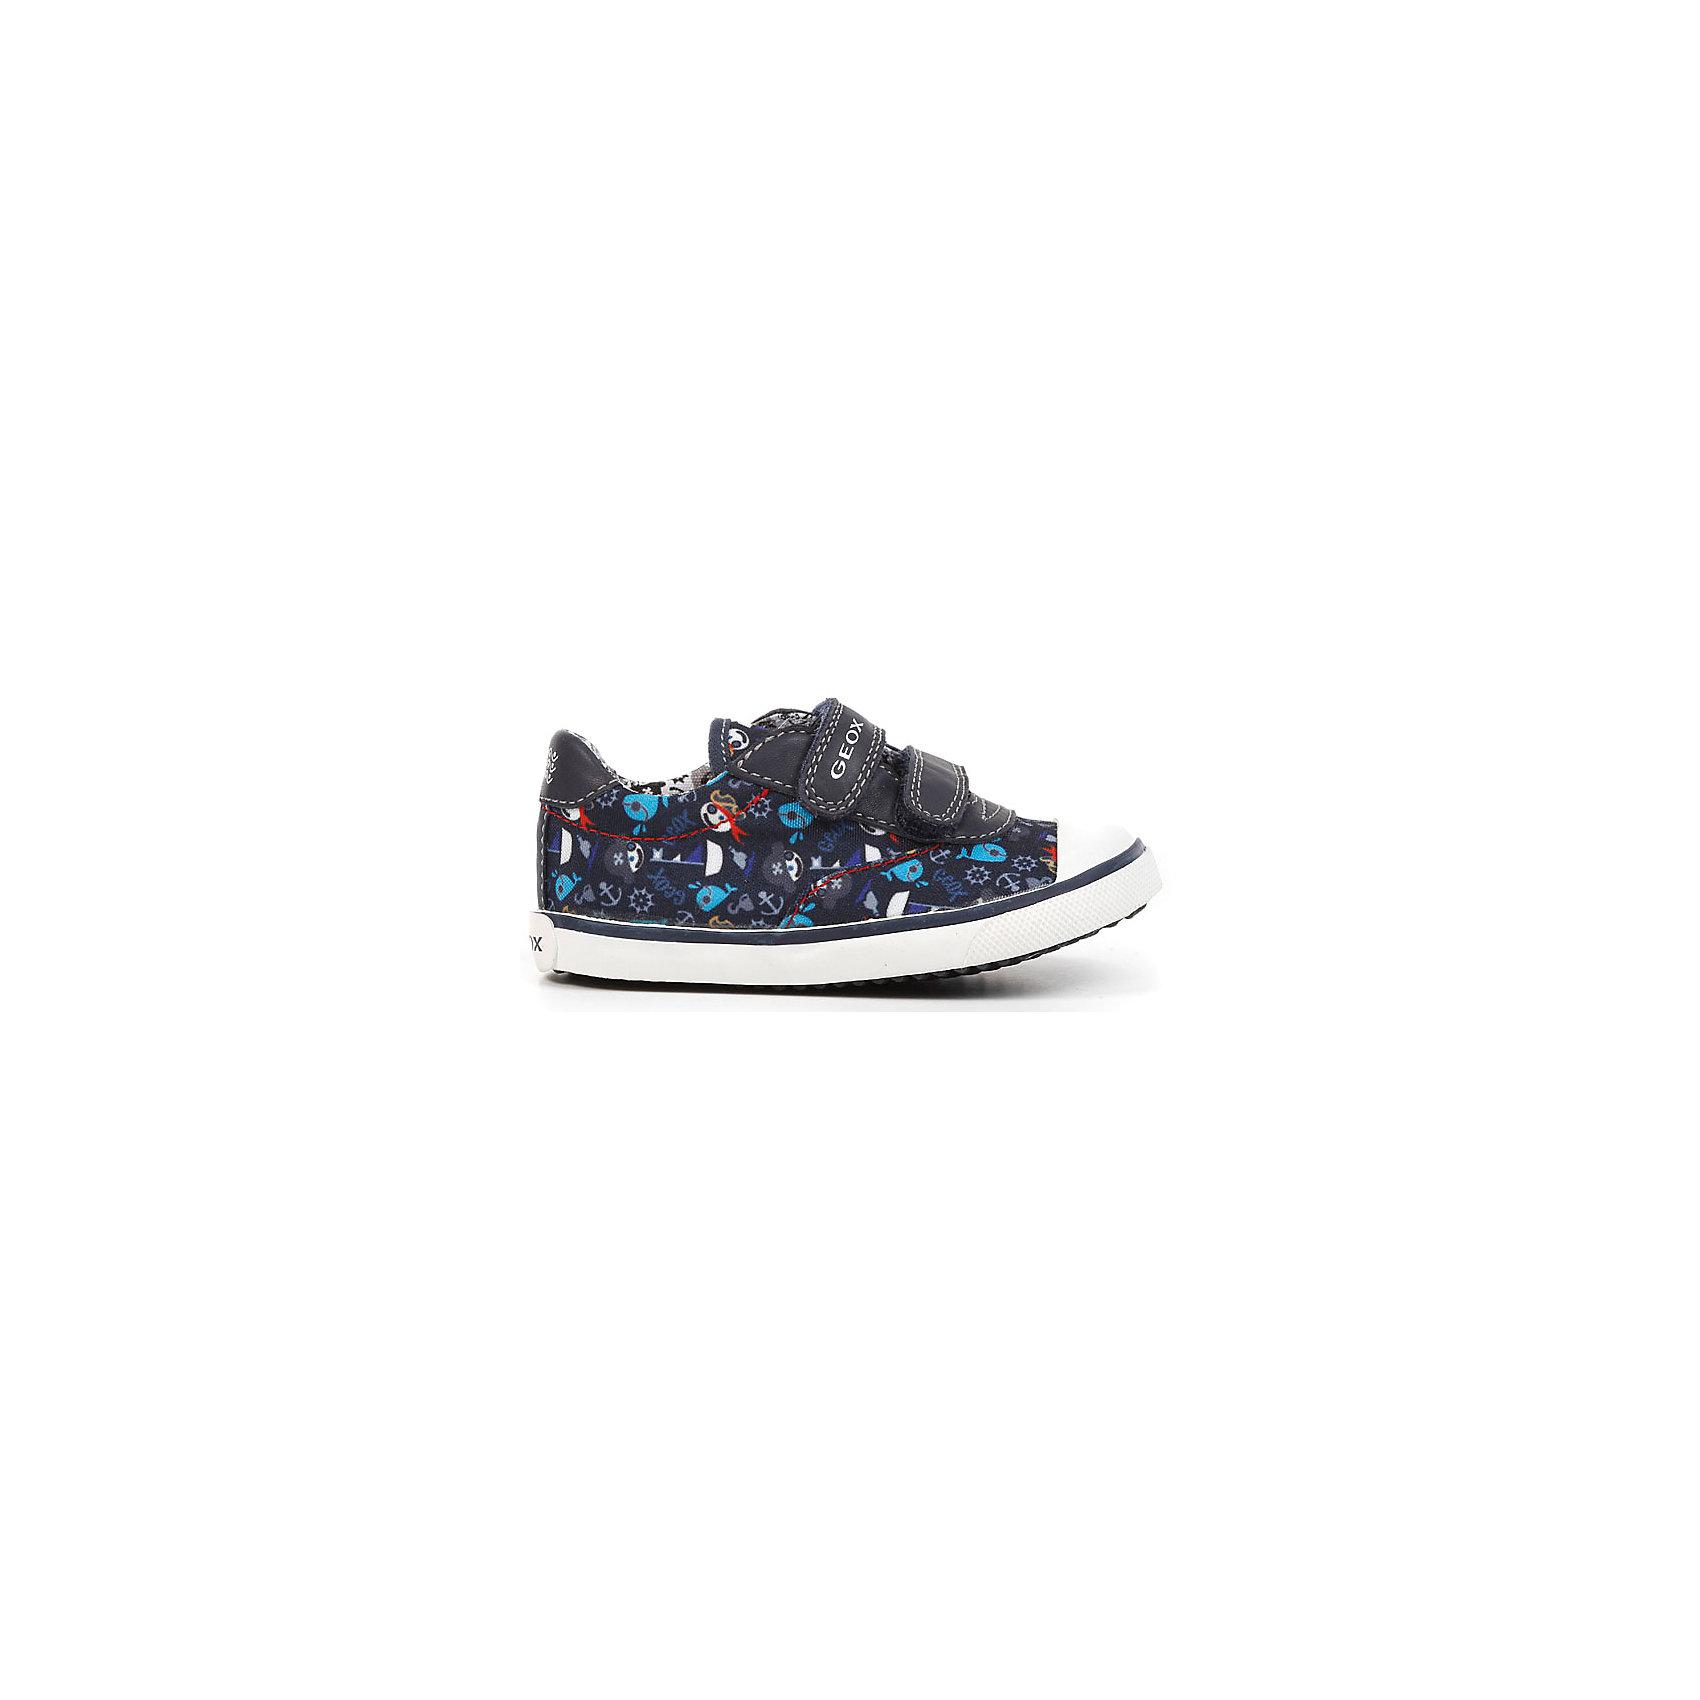 Кроссовки для мальчика GEOXУдобнейшие кроссовки GEOX (ГЕОКС) с защищенным носком - то что нужно для активного крохи. Стильные городские кроссовки с пиратским принтом создадут настроение. Очень быстро одеваются и очень легко носятся. Благодаря своему опыту специалисты компании GEOX (ГЕОКС) точно знают, что необходимо ногам ребенка каждого возраста. Эти кроссовки специально созданы, чтобы помочь малышам правильно развивать стопу, давая ей необходимую поддержку. Полимерная подошва этой модели создана по эксклюзивной технологии GEOX (ГЕОКС) и снабжена дышащей и водонепроницаемой мембраной, что способствует естественной терморегуляции и создает внутри обуви идеальный микроклимат.  <br><br>Дополнительная информация:<br><br>- Сезон: весна/лето;<br>- Запатентованная мембранная технология Breathable;<br>- Материал верха: 90 % нейлон, 10 % полиэстер;     <br>- Материал подошвы: резина;                                                                                                                     <br>- Подкладка: хлопок;<br>- Стильный дизайн.<br>                                                         <br>Кроссовки для мальчика GEOX (ГЕОКС) можно купить в нашем интернет-магазине.<br><br>Ширина мм: 250<br>Глубина мм: 150<br>Высота мм: 150<br>Вес г: 250<br>Цвет: синий<br>Возраст от месяцев: 15<br>Возраст до месяцев: 18<br>Пол: Мужской<br>Возраст: Детский<br>Размер: 22,25,24,27,26,23<br>SKU: 4011827